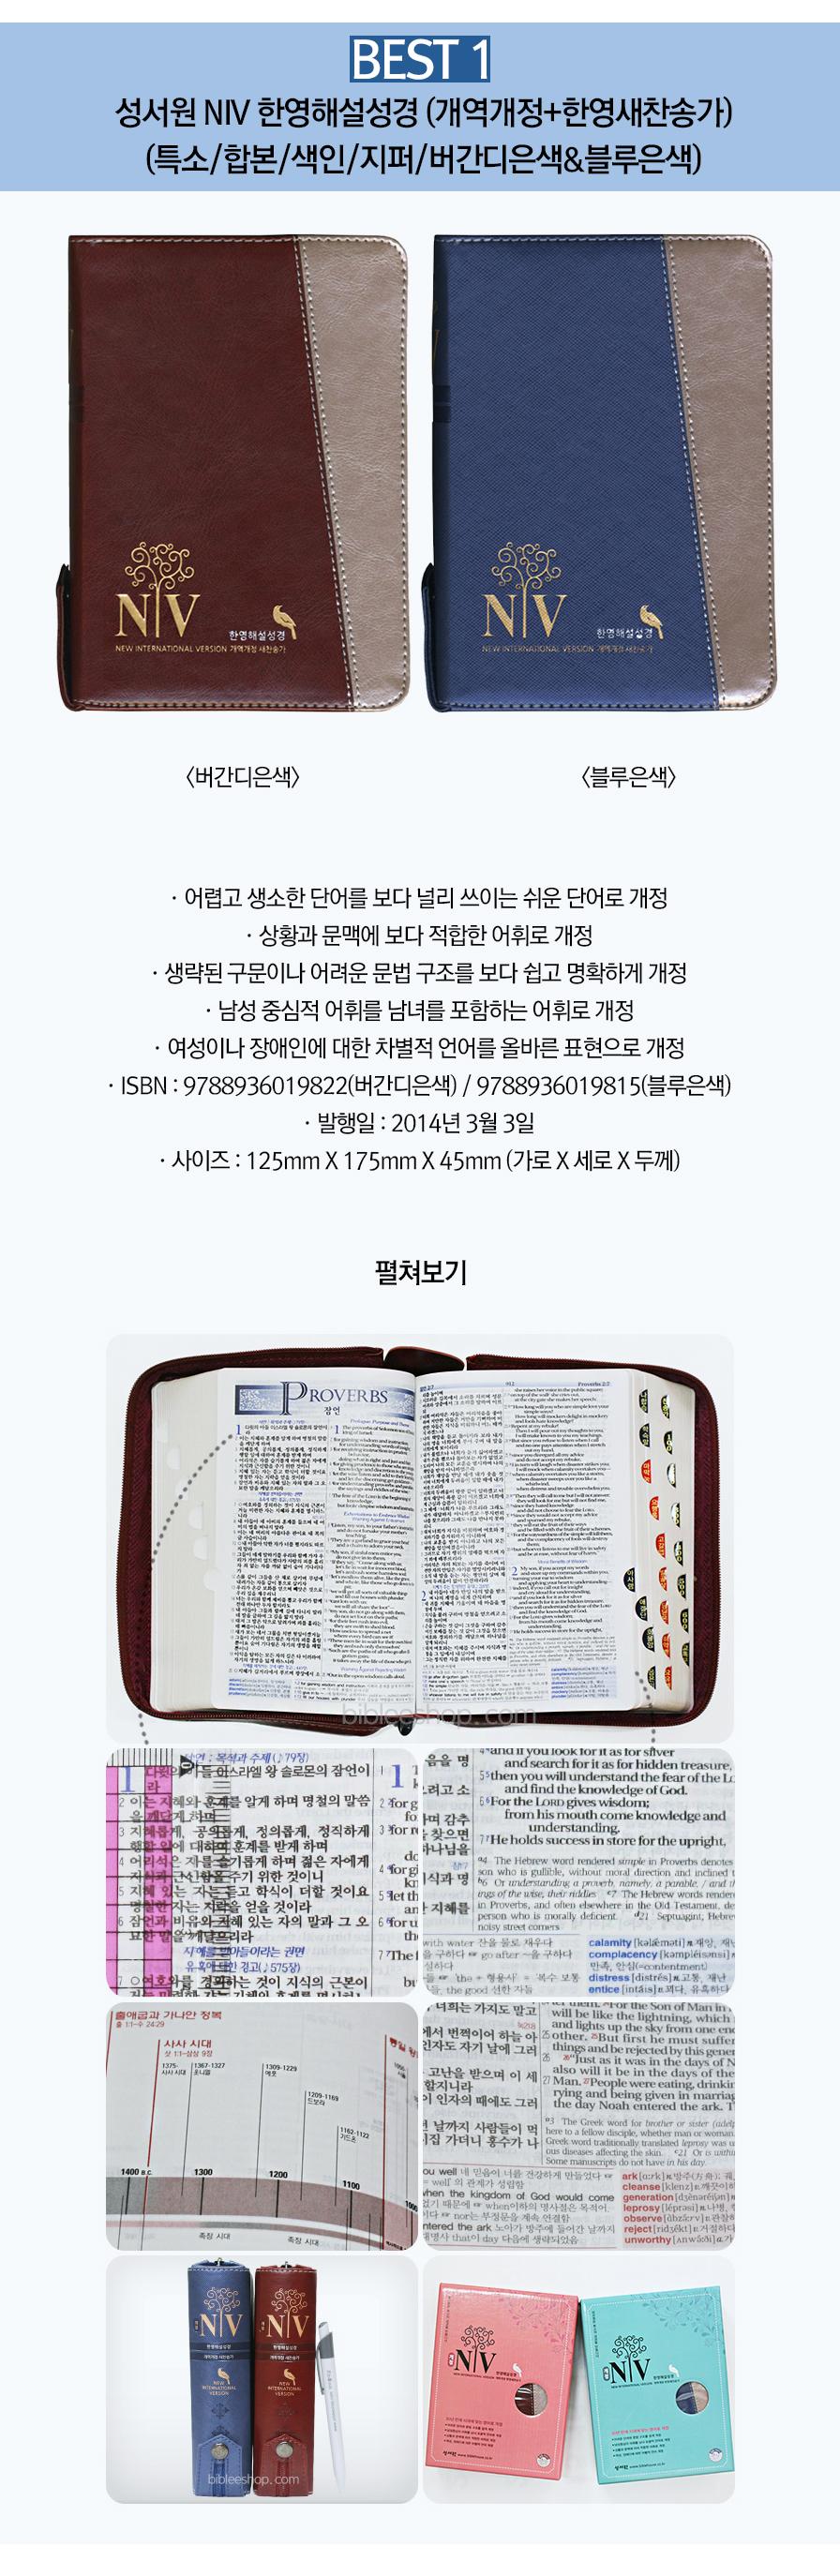 NIV한영해설성경